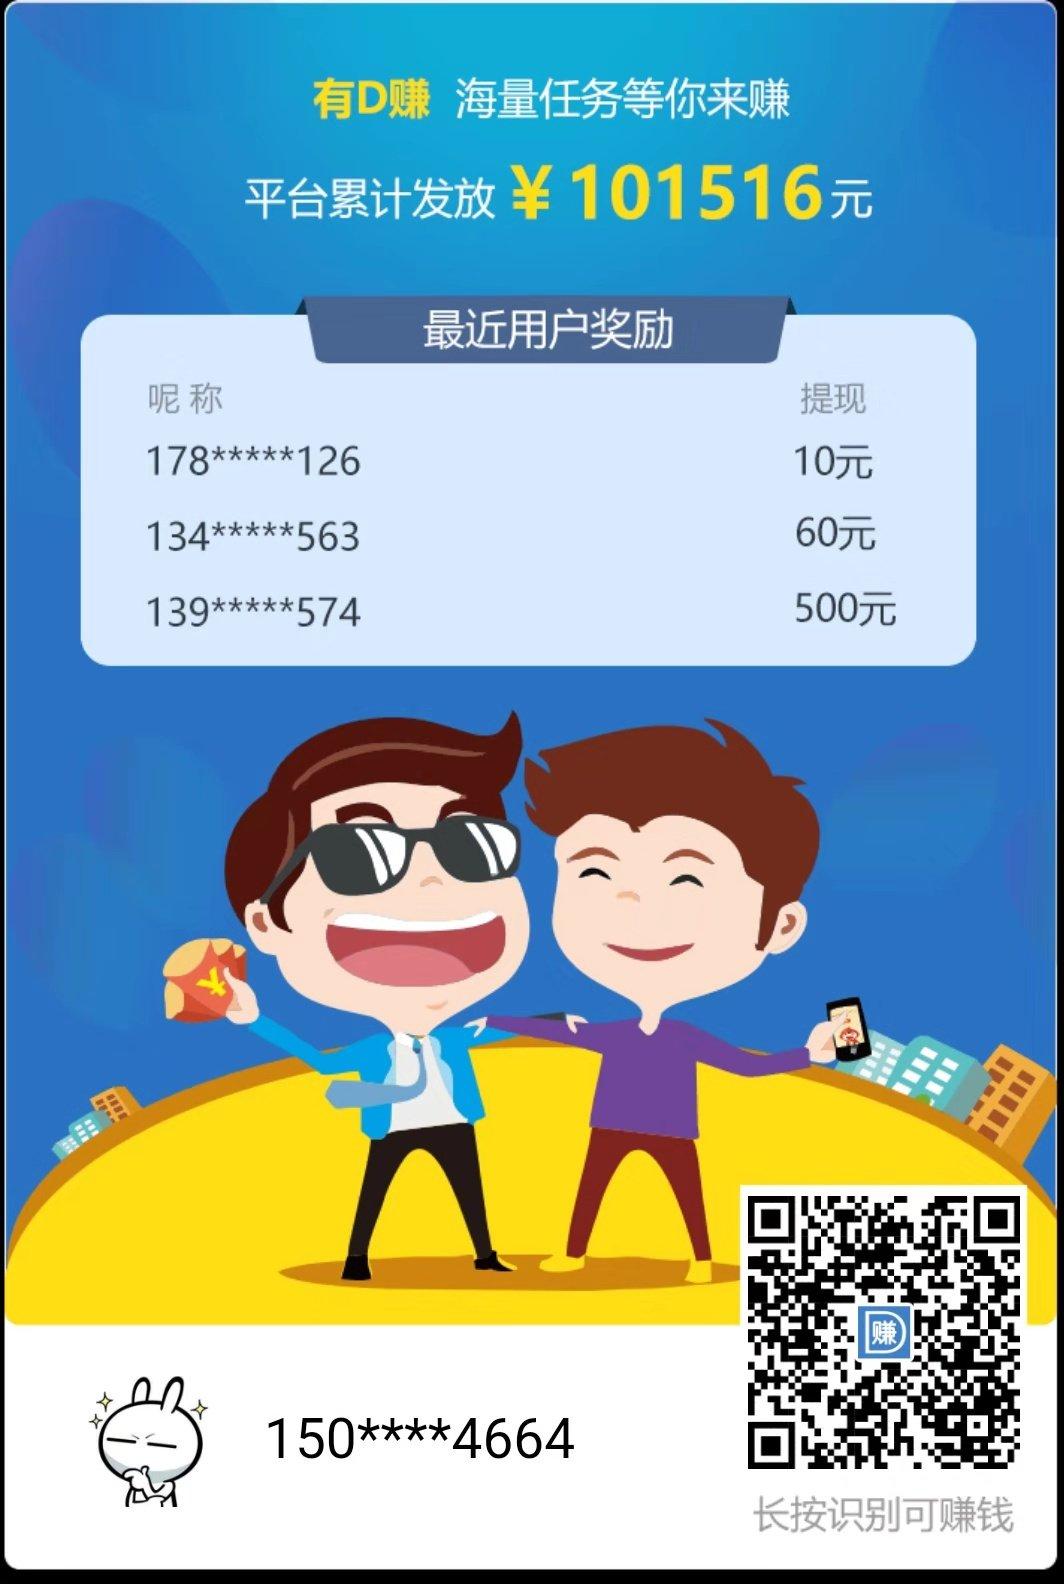 试玩赚钱软件那个好,靠谱的试玩软件推荐有D赚app 手机赚钱 第1张